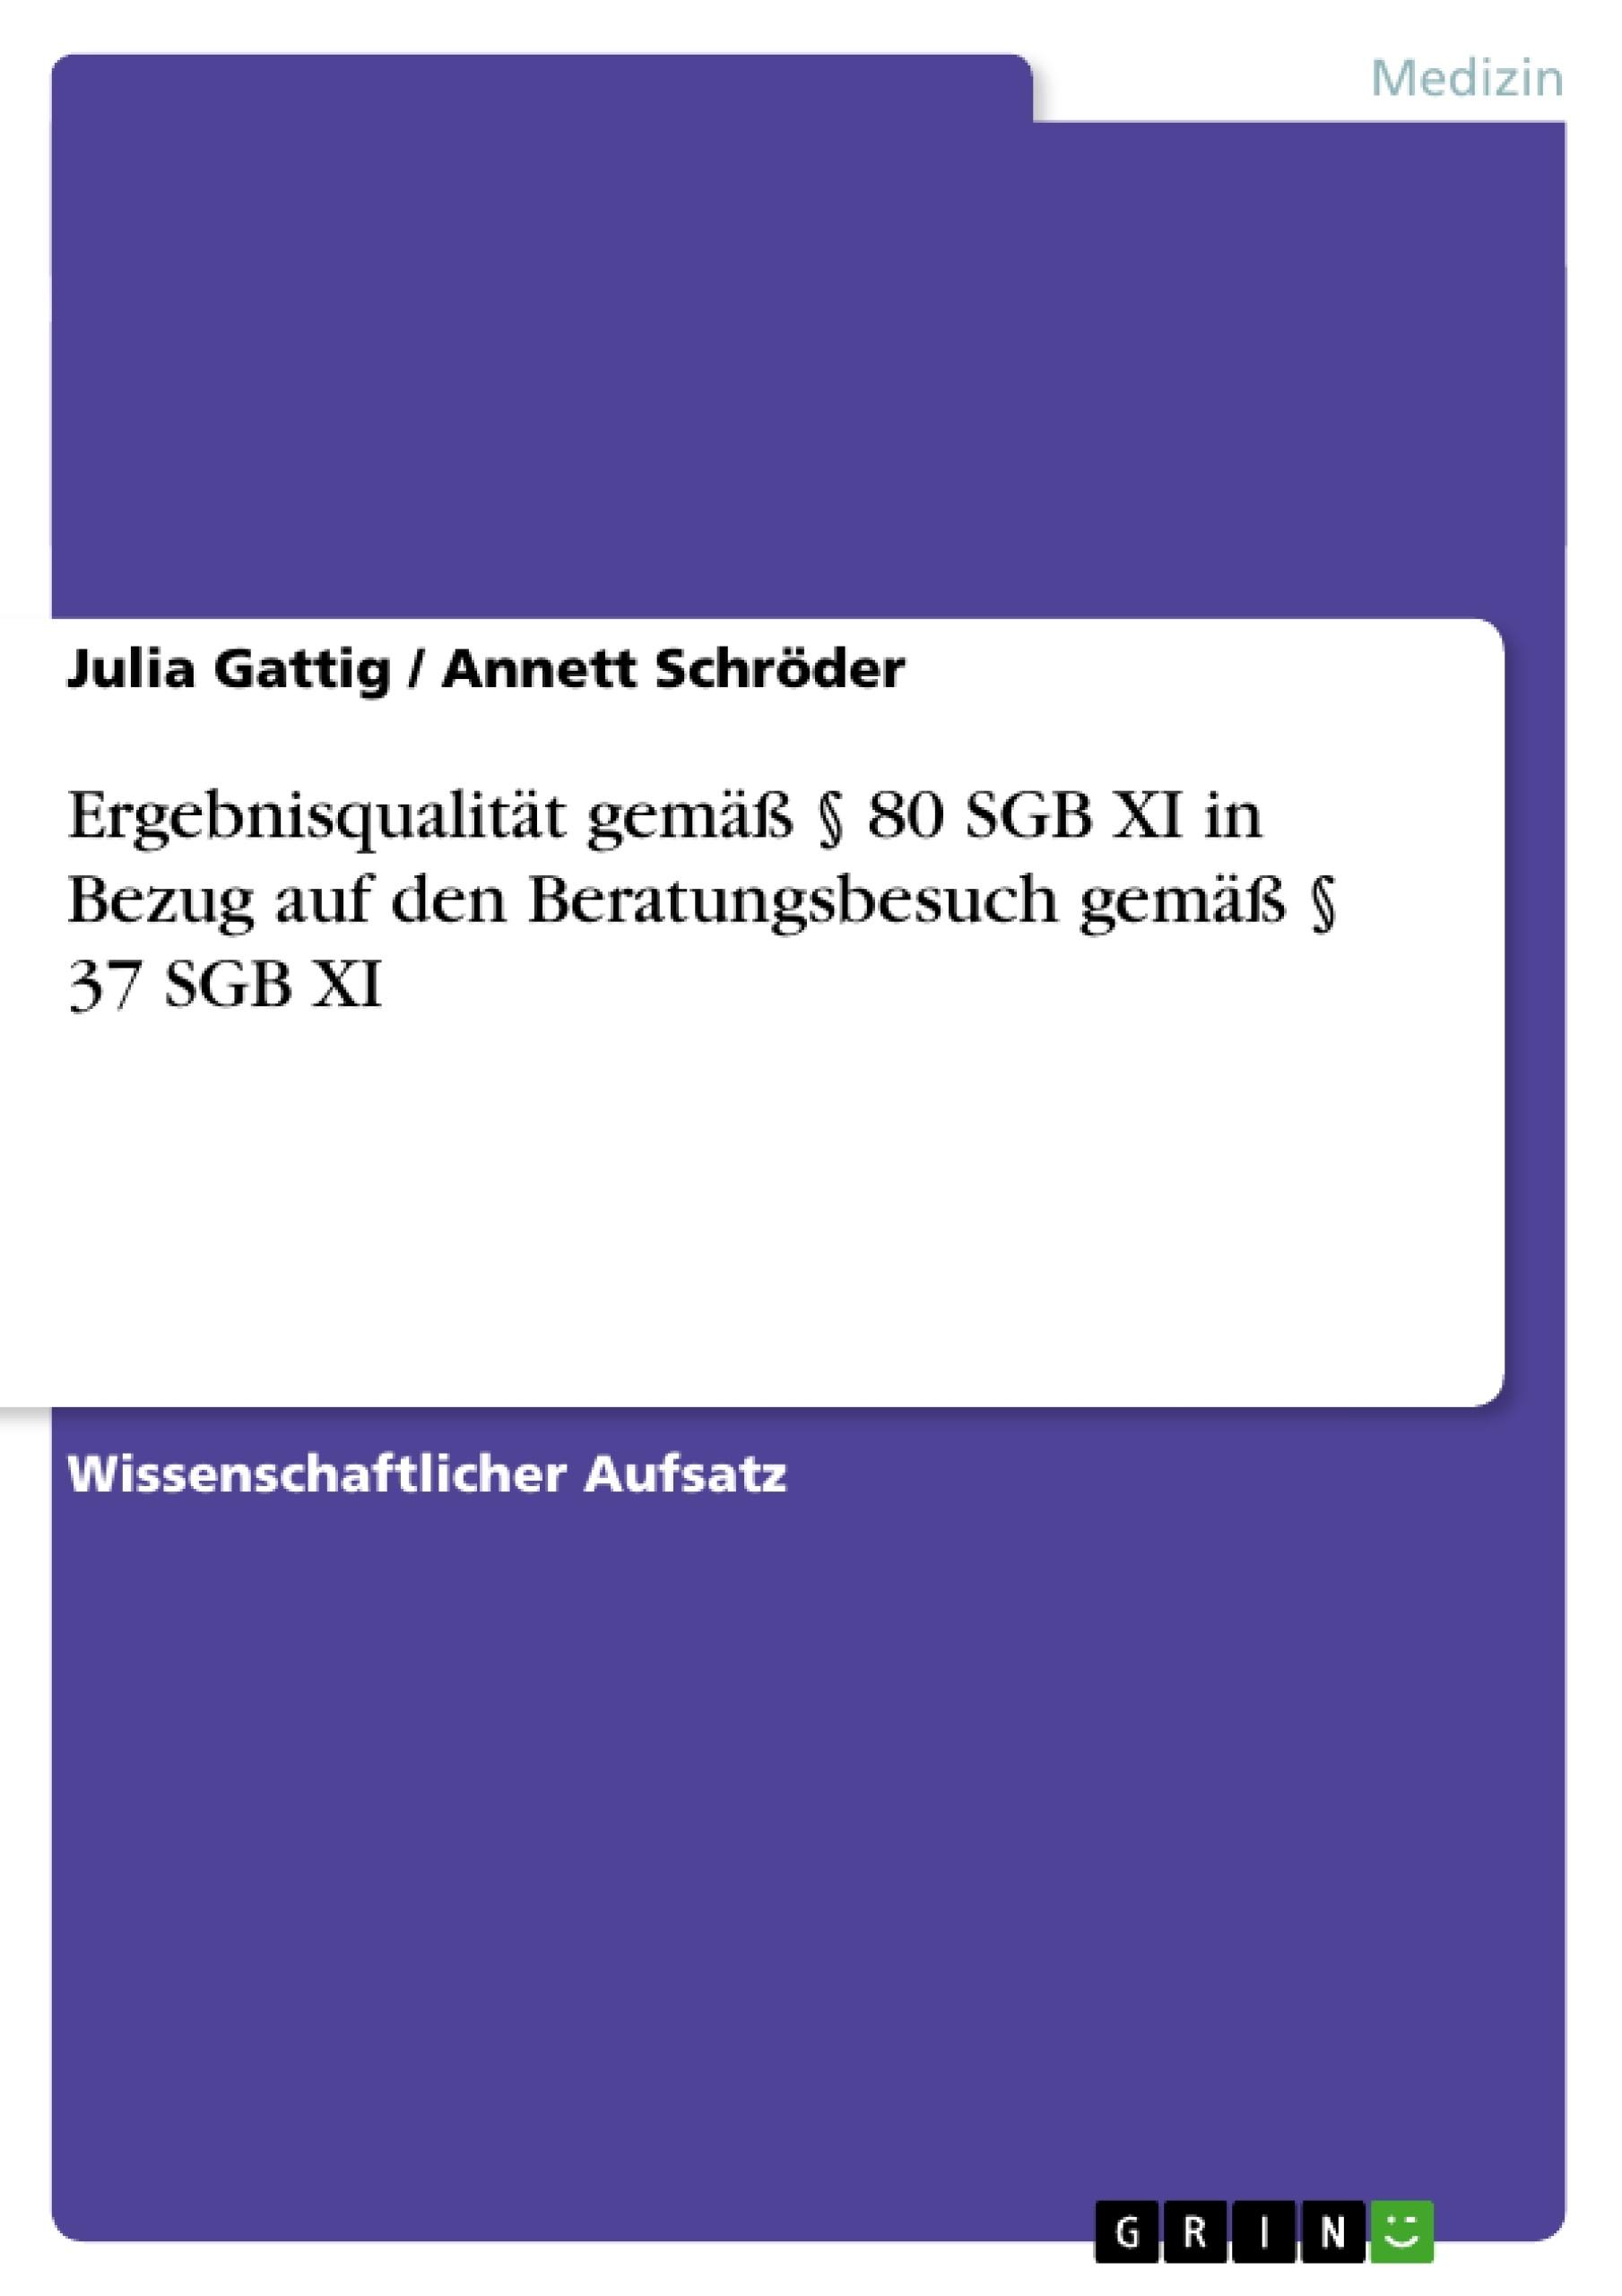 Titel: Ergebnisqualität gemäß § 80 SGB XI in Bezug auf den Beratungsbesuch gemäß § 37 SGB XI